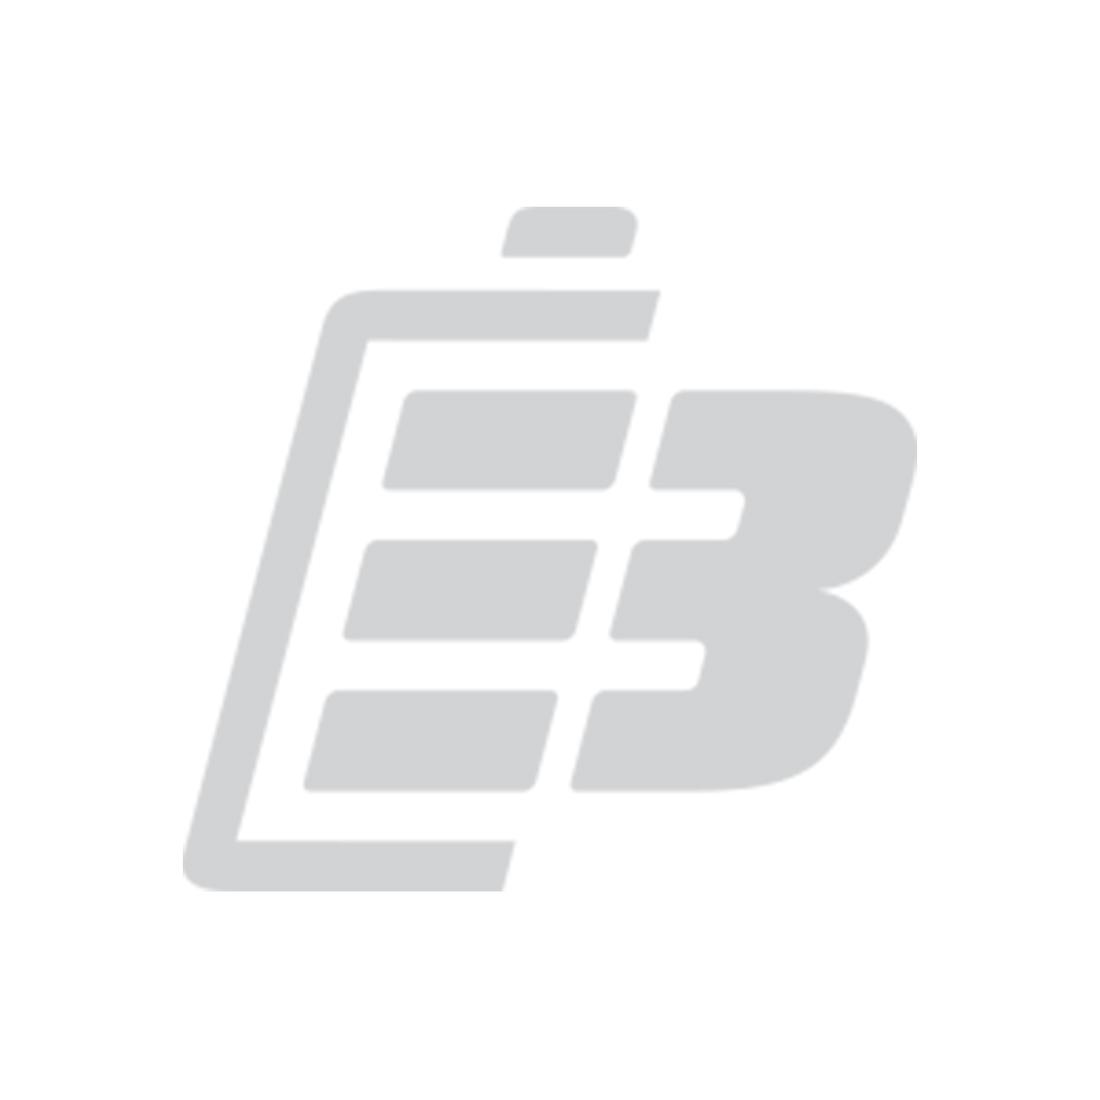 Μπαταρία κινητού τηλεφώνου LG GB230_1